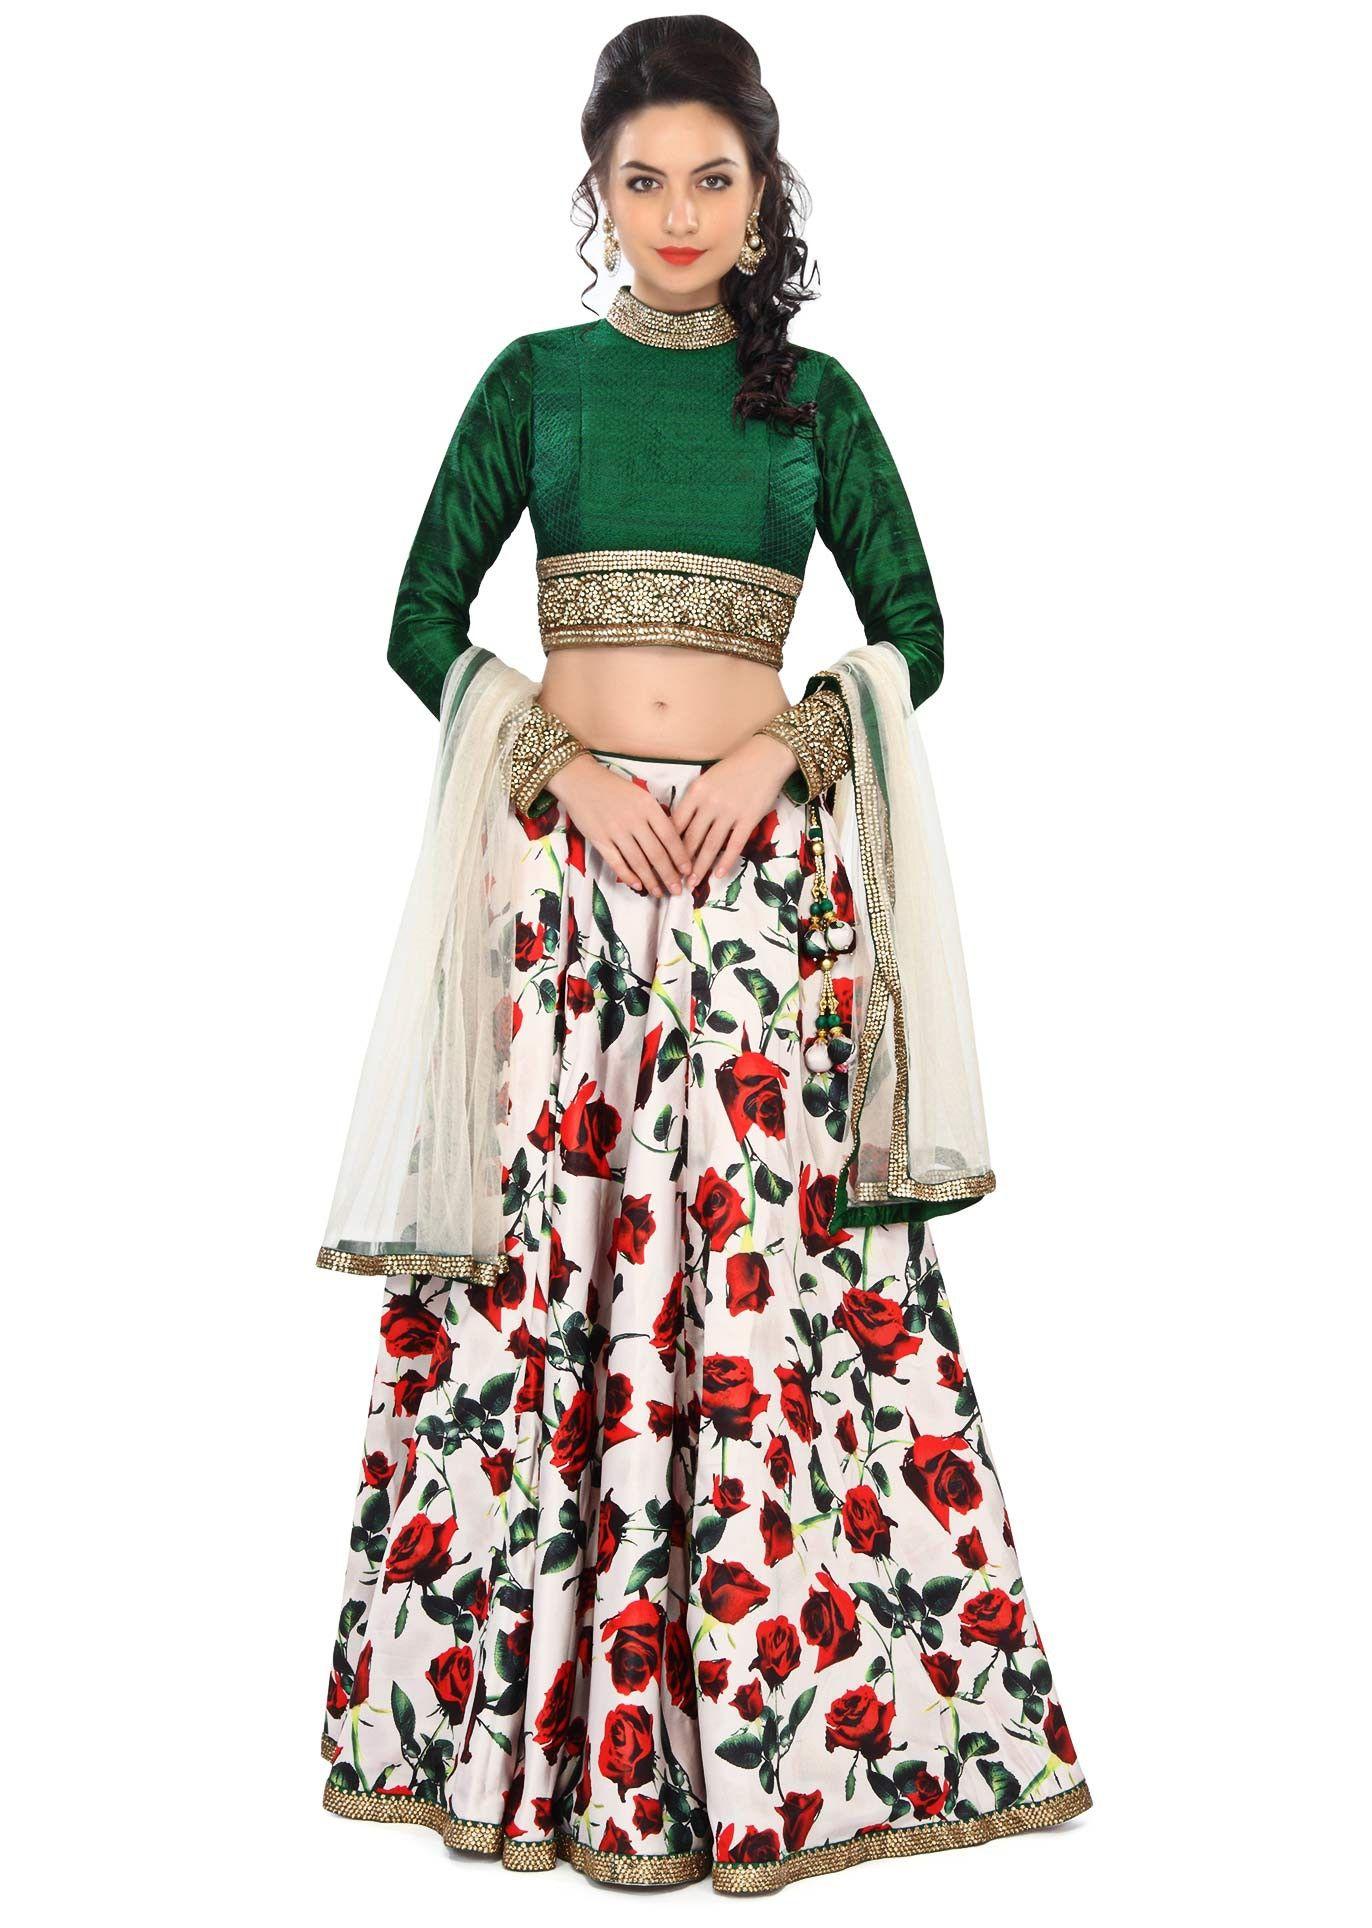 7da951eca3 India's Largest Online Ethnic Store. Multicolor Floral Printed Lehenga # Lehenga, #Floral, #Printed